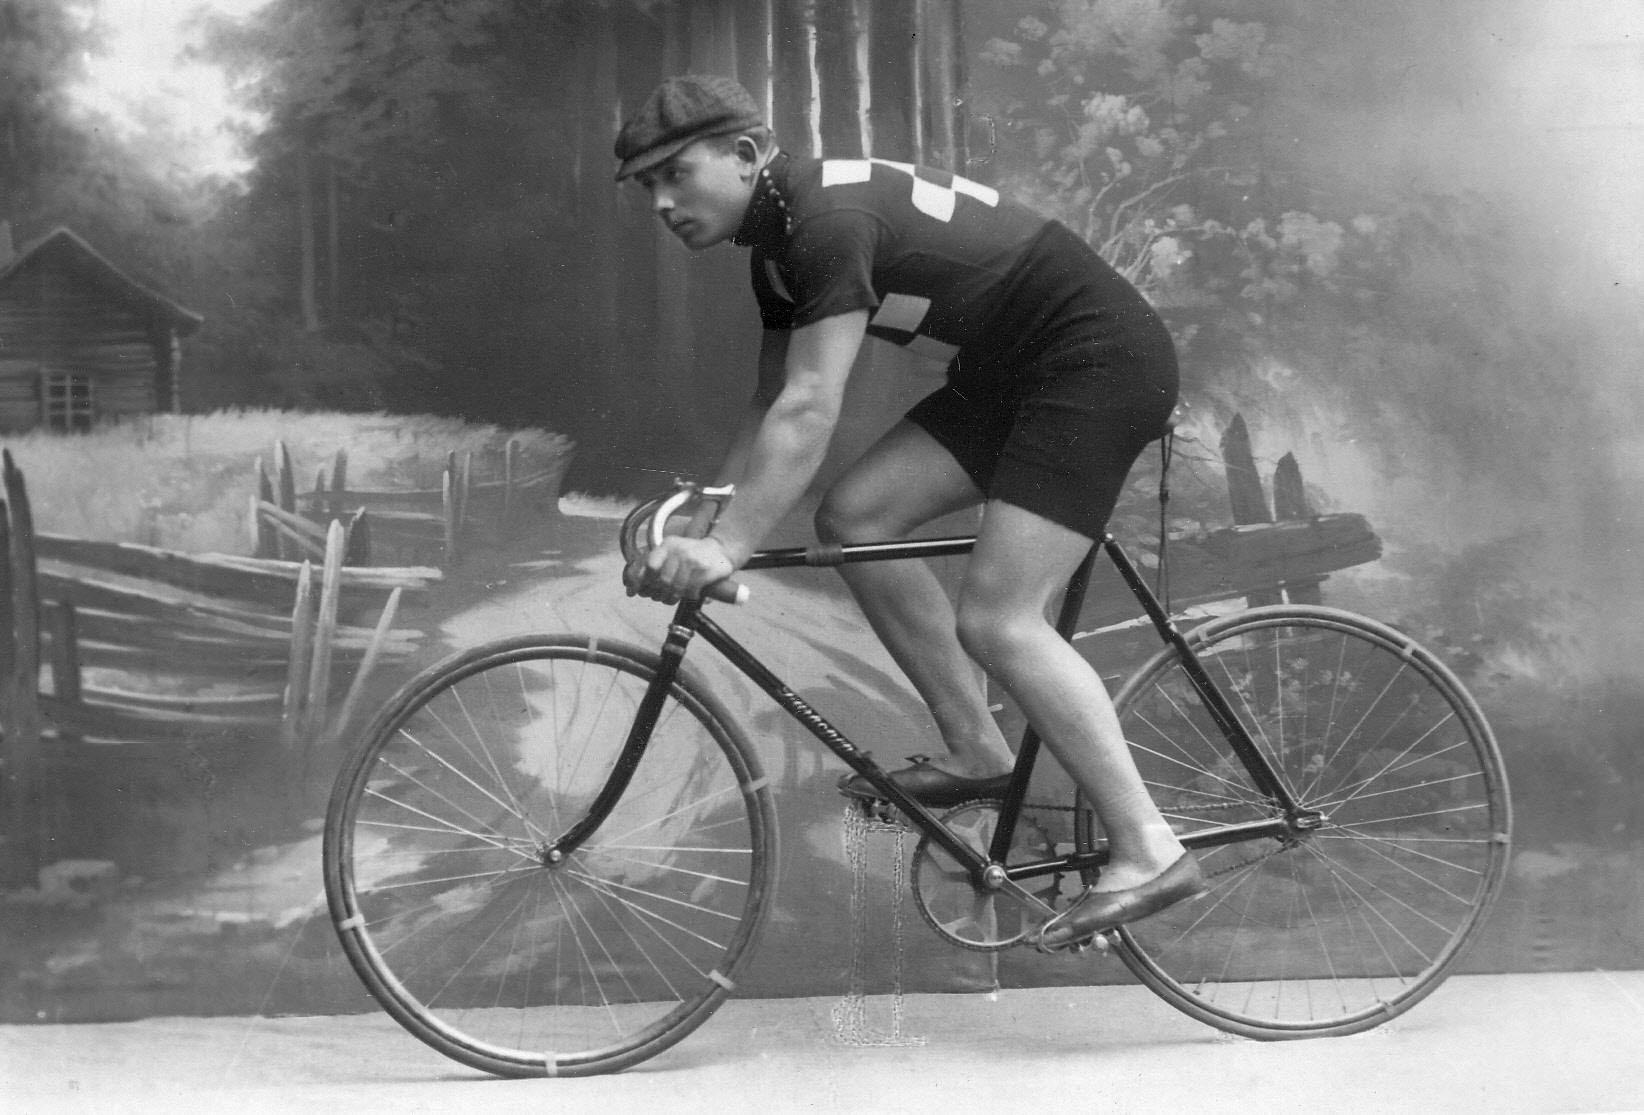 Морозов, участник велогонок от г. Одесса, на велосипеде. До 1915